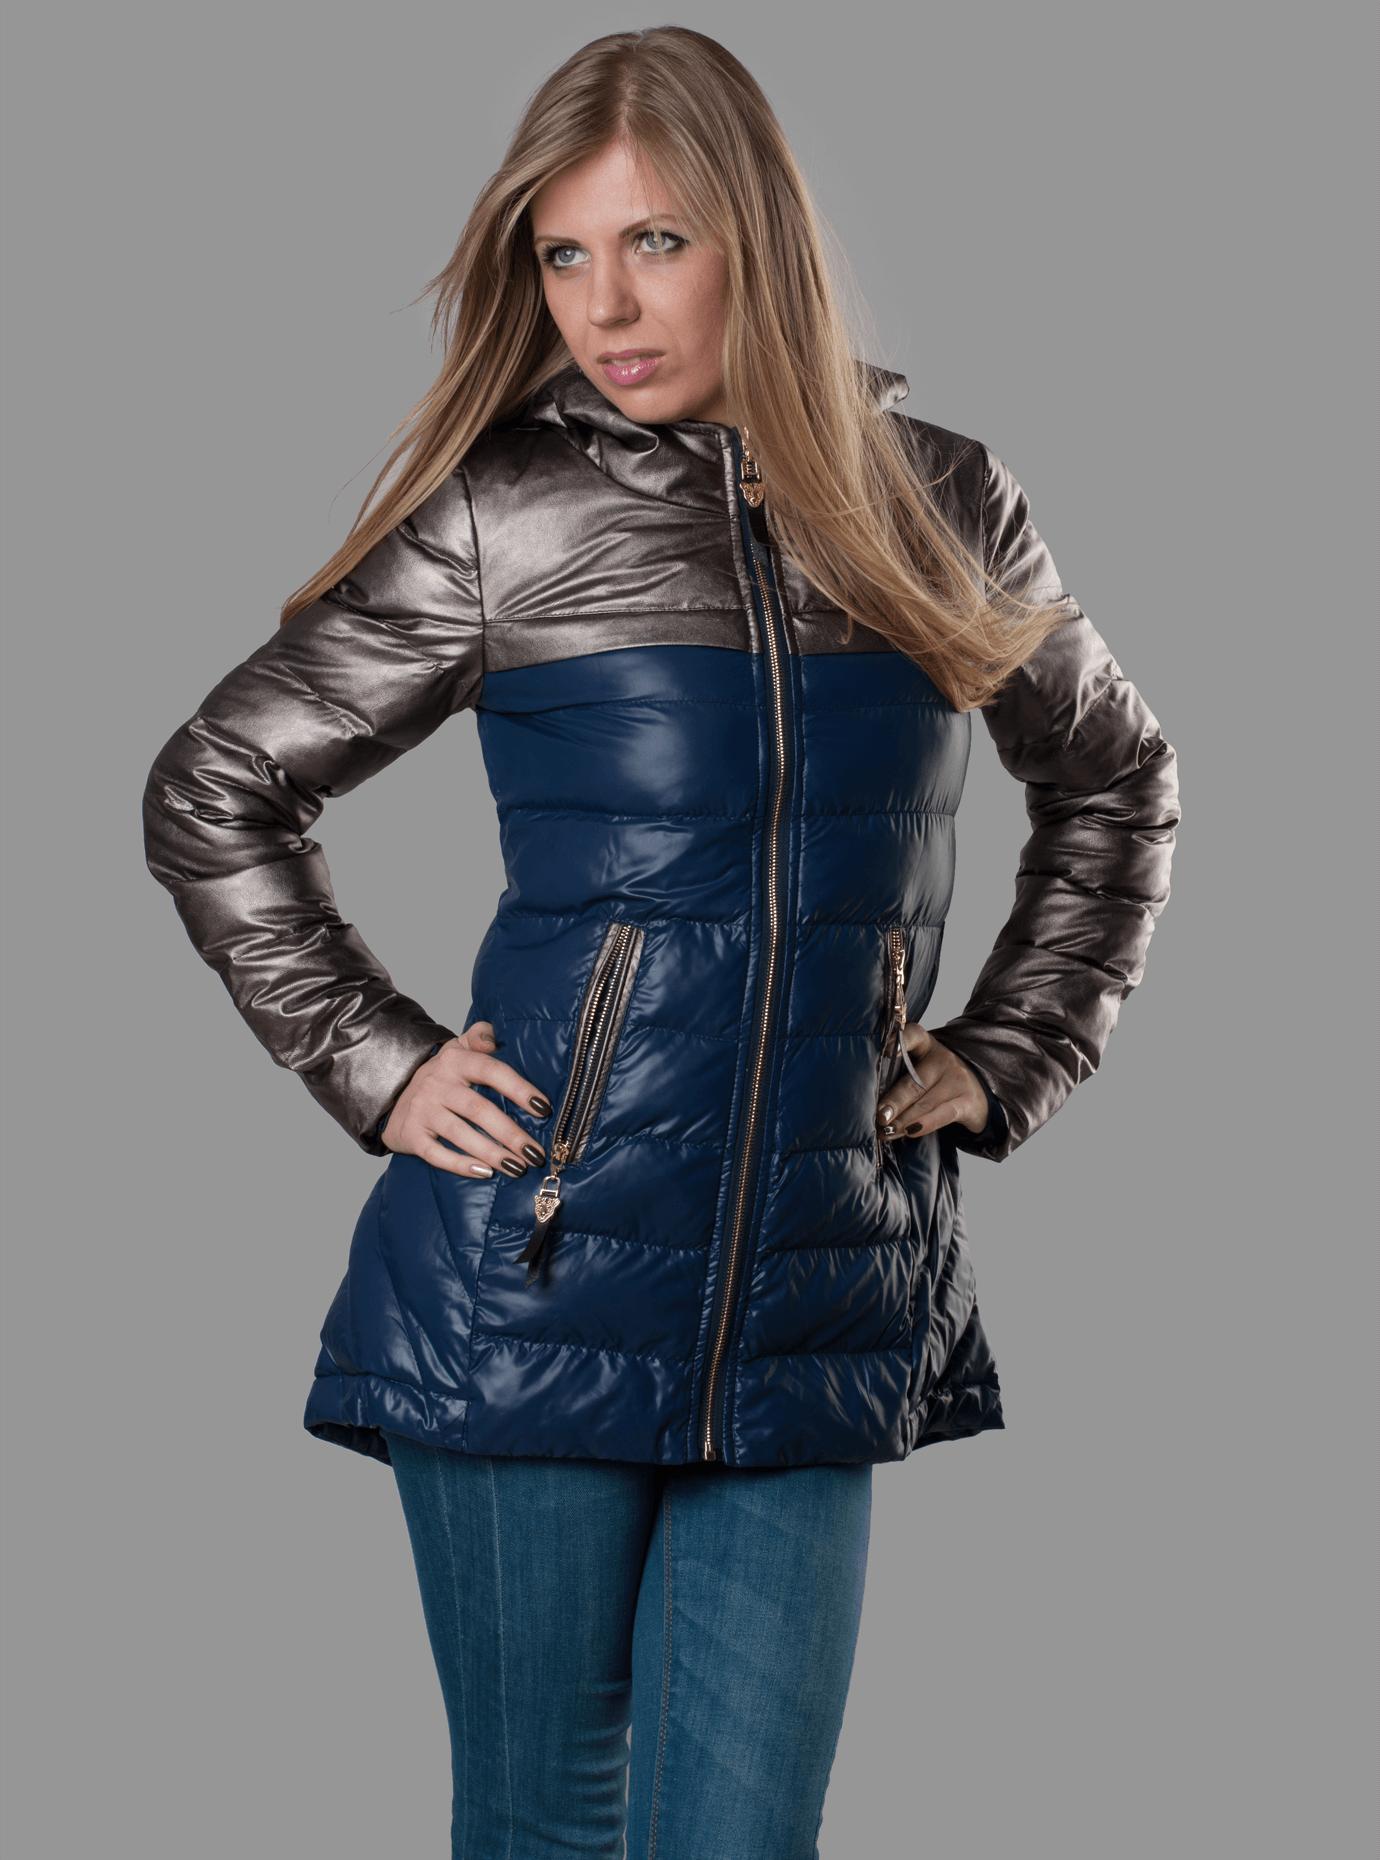 Куртка женская демисезонная со вставками Чёрный S (05-ZZ19137): фото - Alster.ua